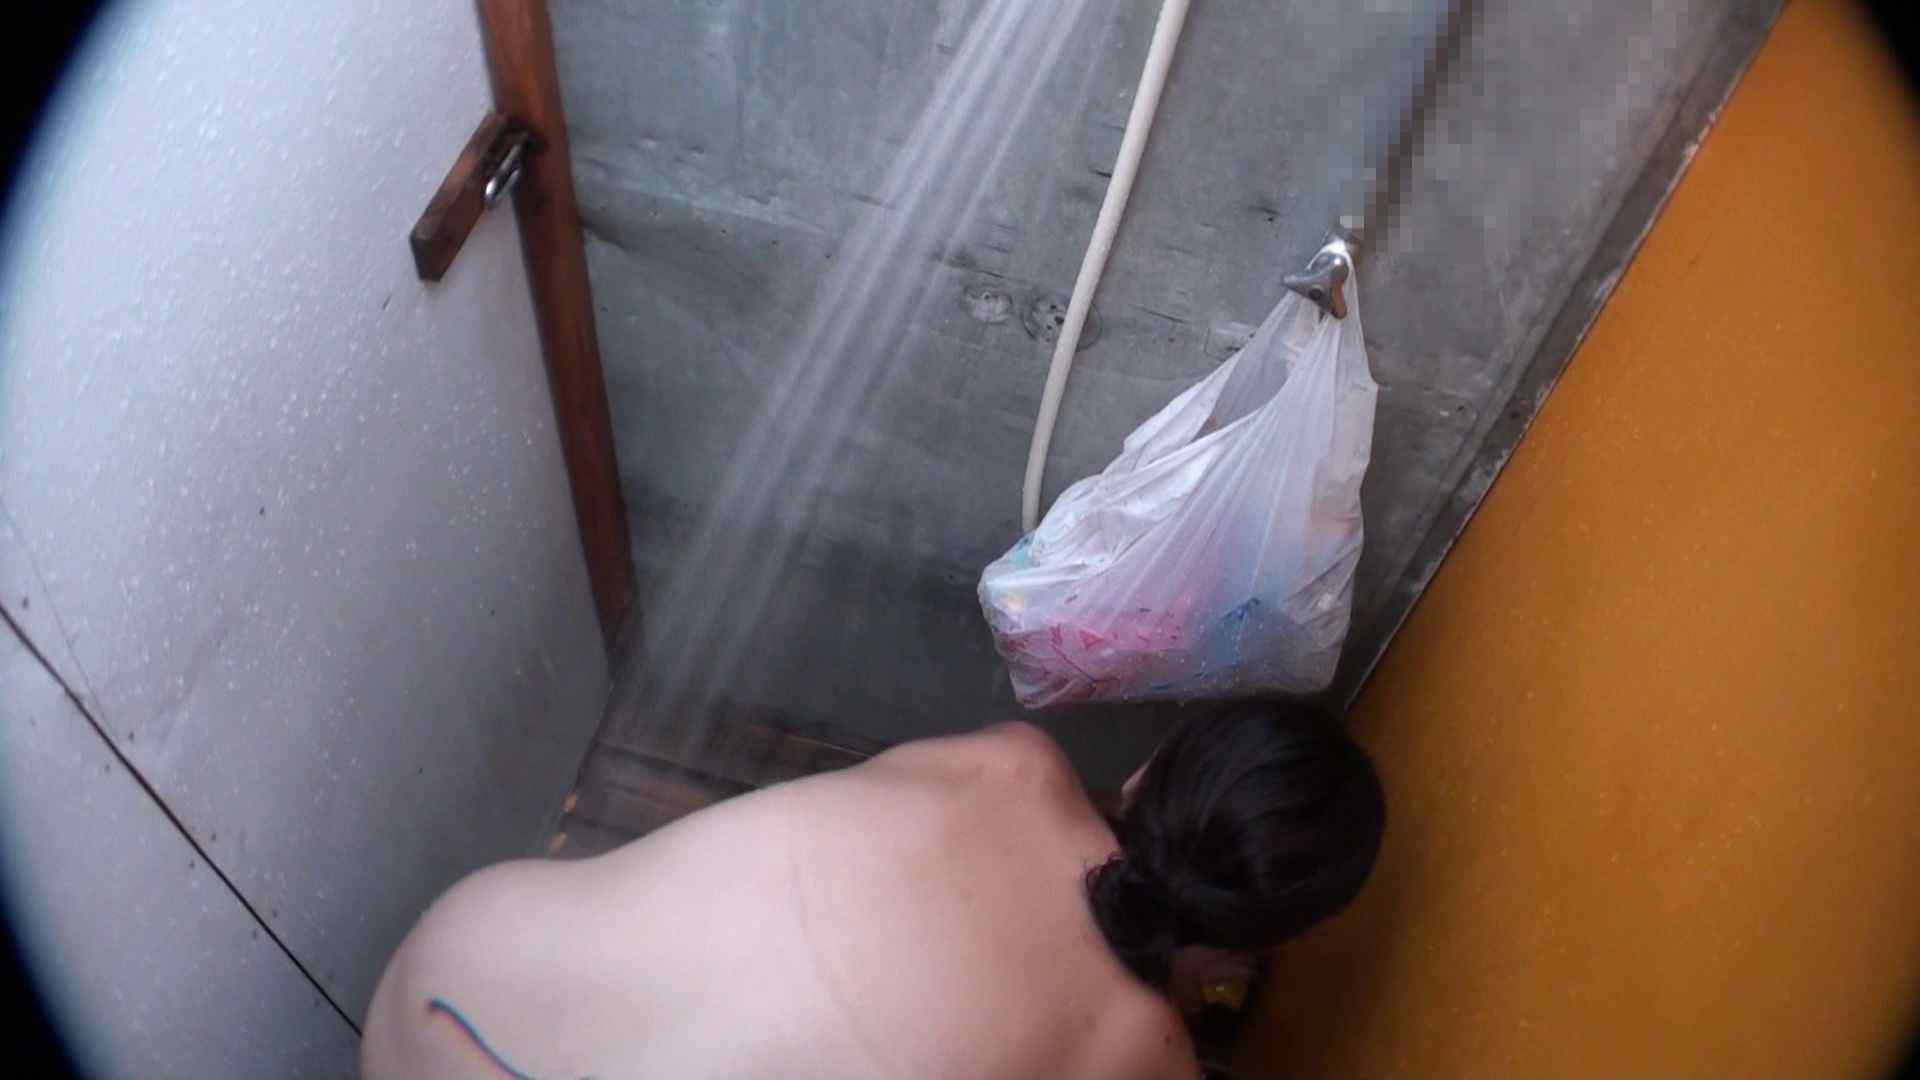 ハイビジョンシャワールームは超!!危険な香りVol.31 清楚なママのパンツはティーバック 高画質   シャワー  107連発 53